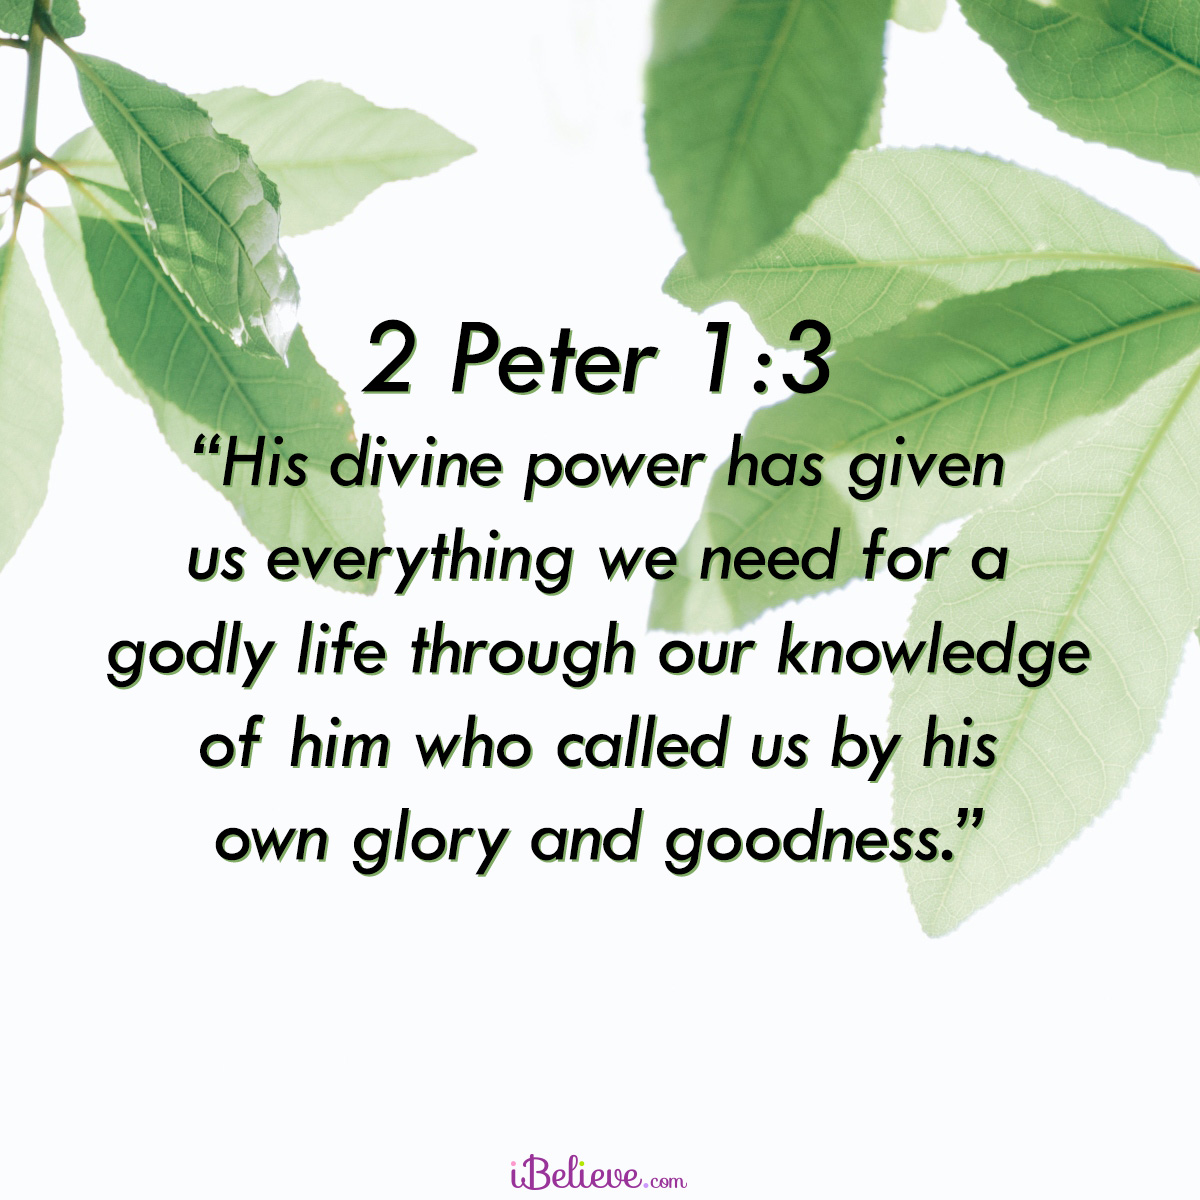 2 Peter 1:3, inspirational image